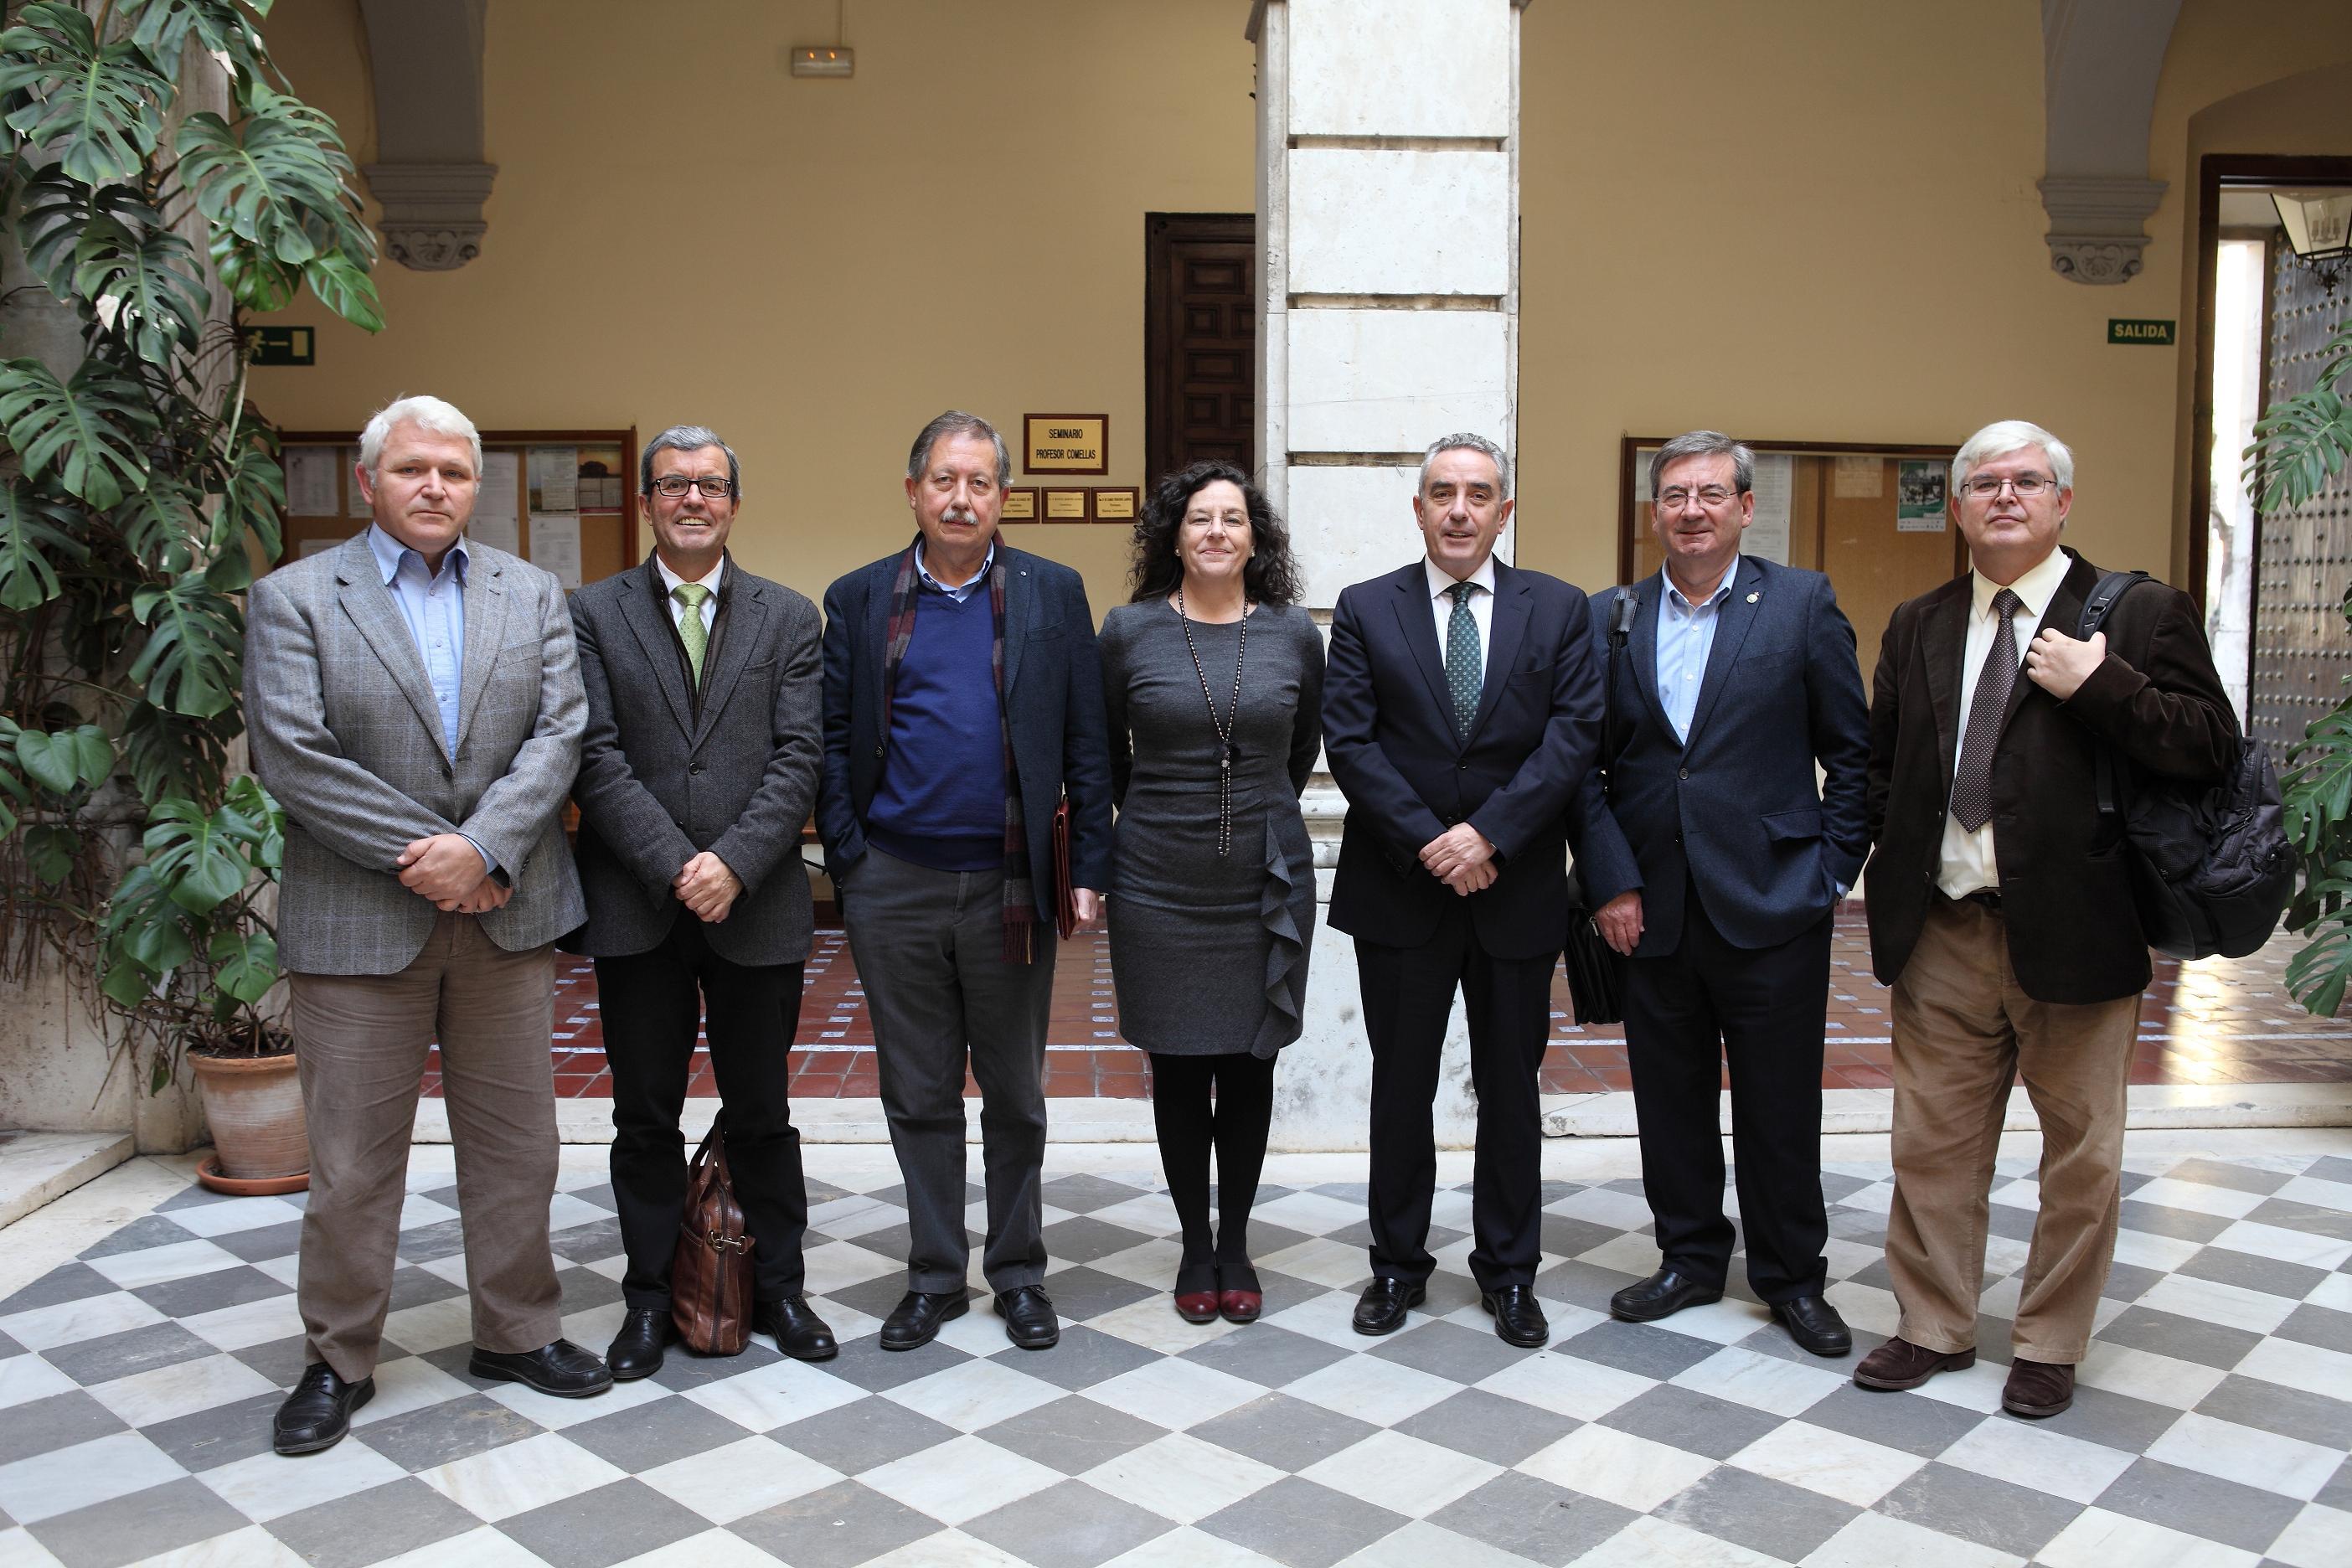 Tribunal de la tesis de Rafael Guerrero. De izq. a dcha., con los profesores Ruiz, Chaves, Barragán, Fernández Albéndiz, Martínez y Álvarez Rey.